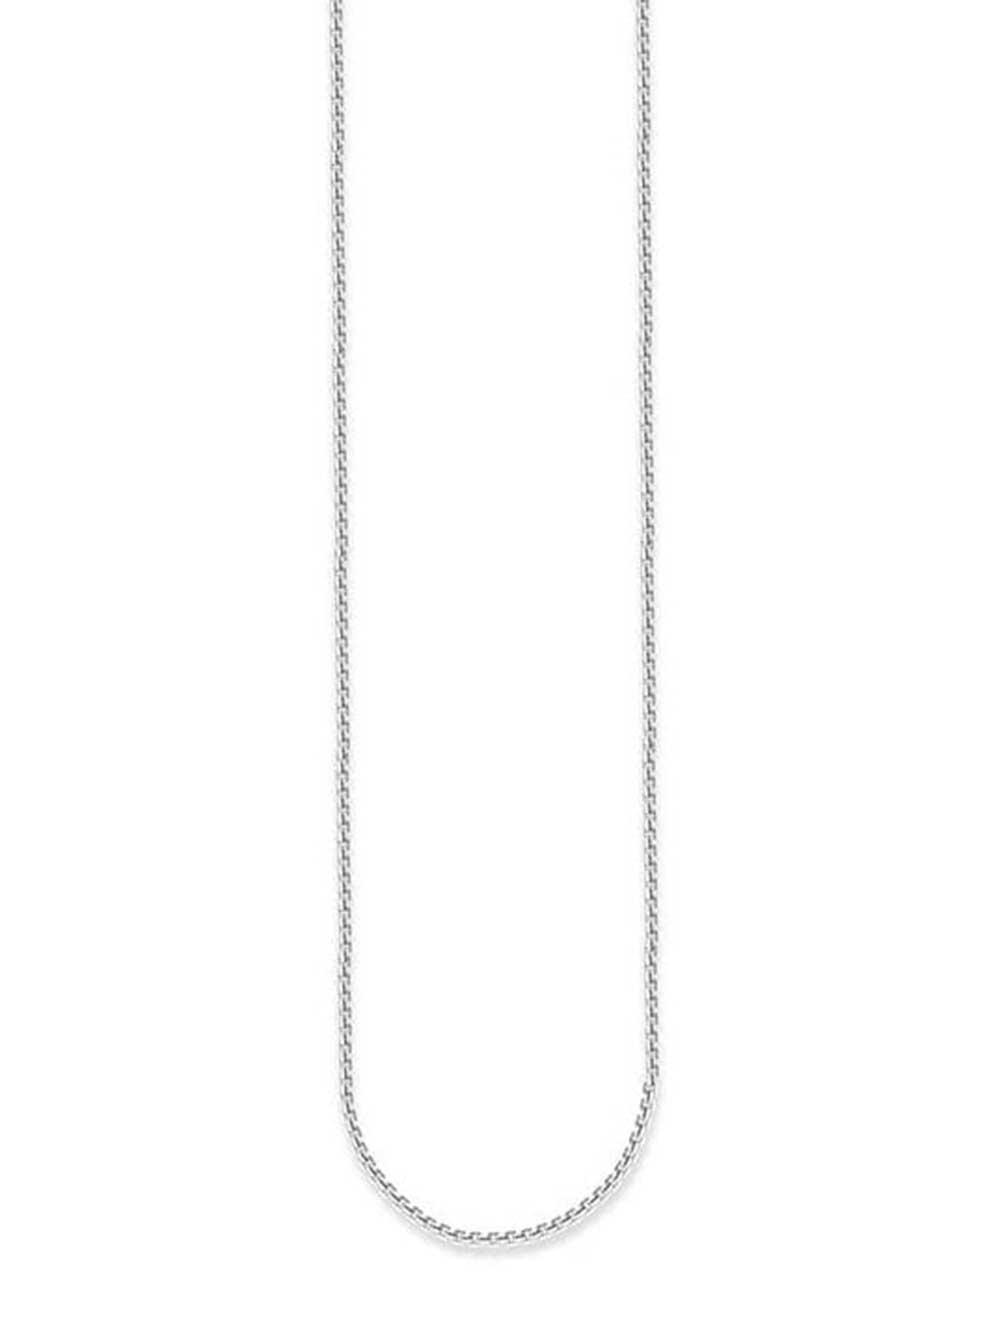 Thomas Sabo Halskette KE1106-001-12 925er 50cm